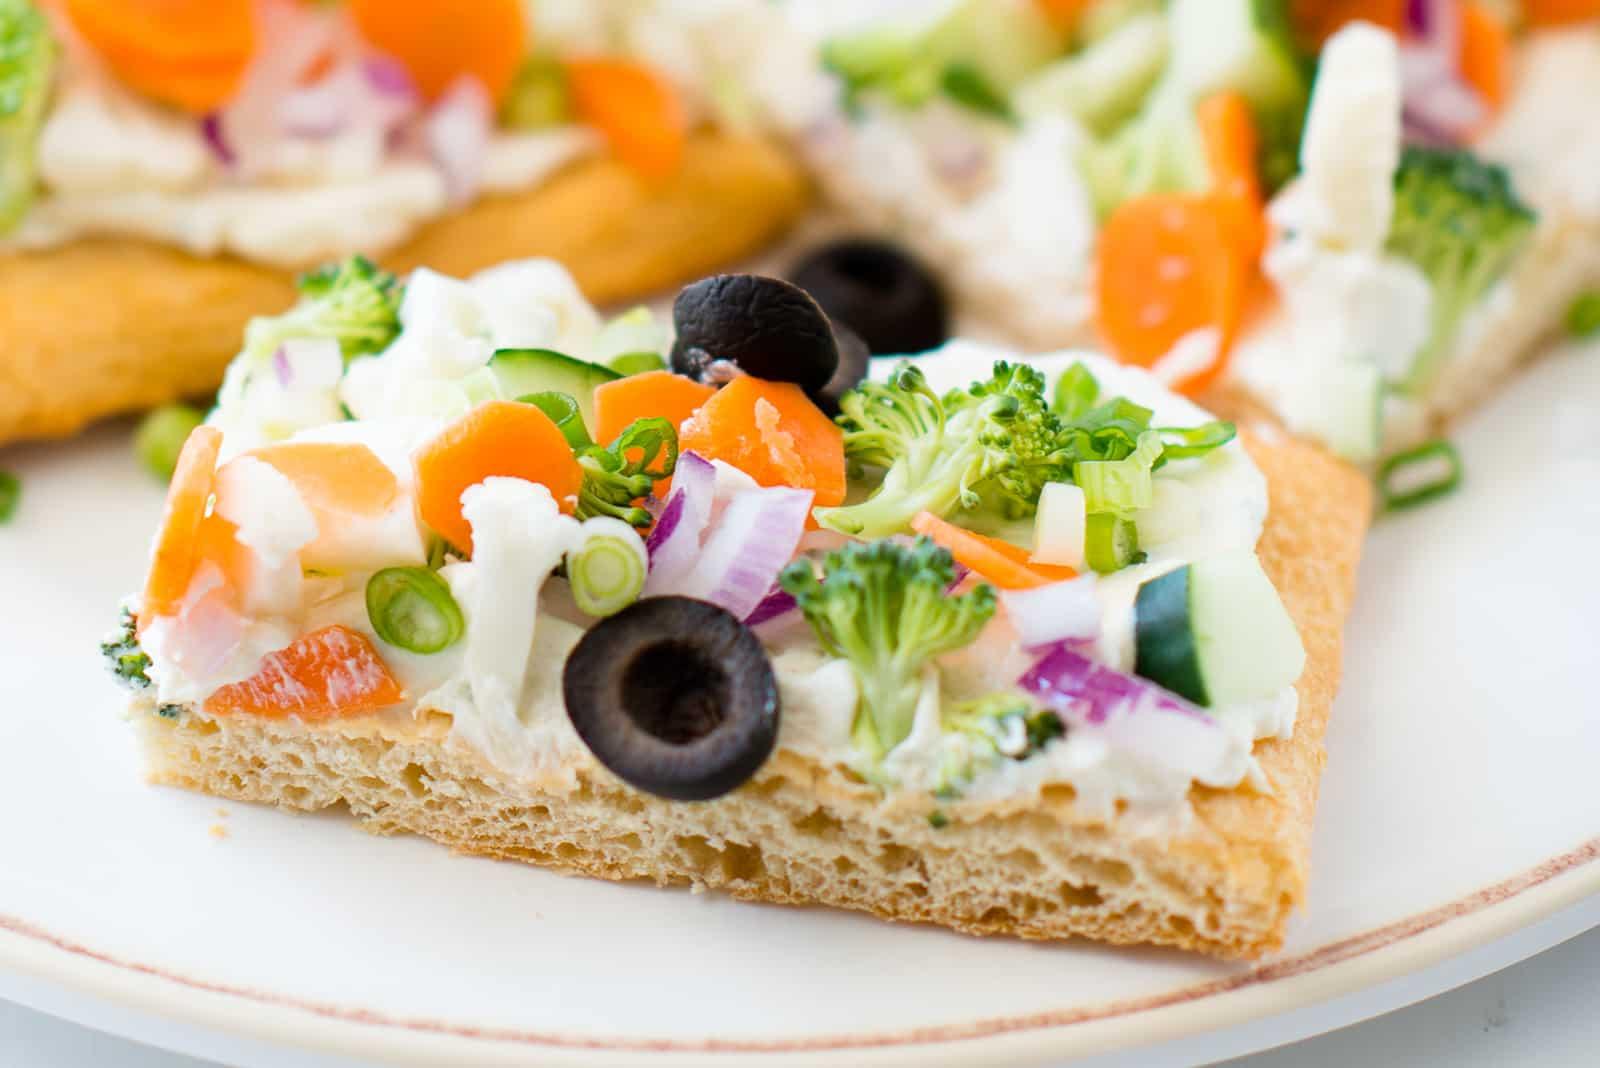 ... pizza pizza season i ng vegetable pot p i e vegetable t i an vegetable